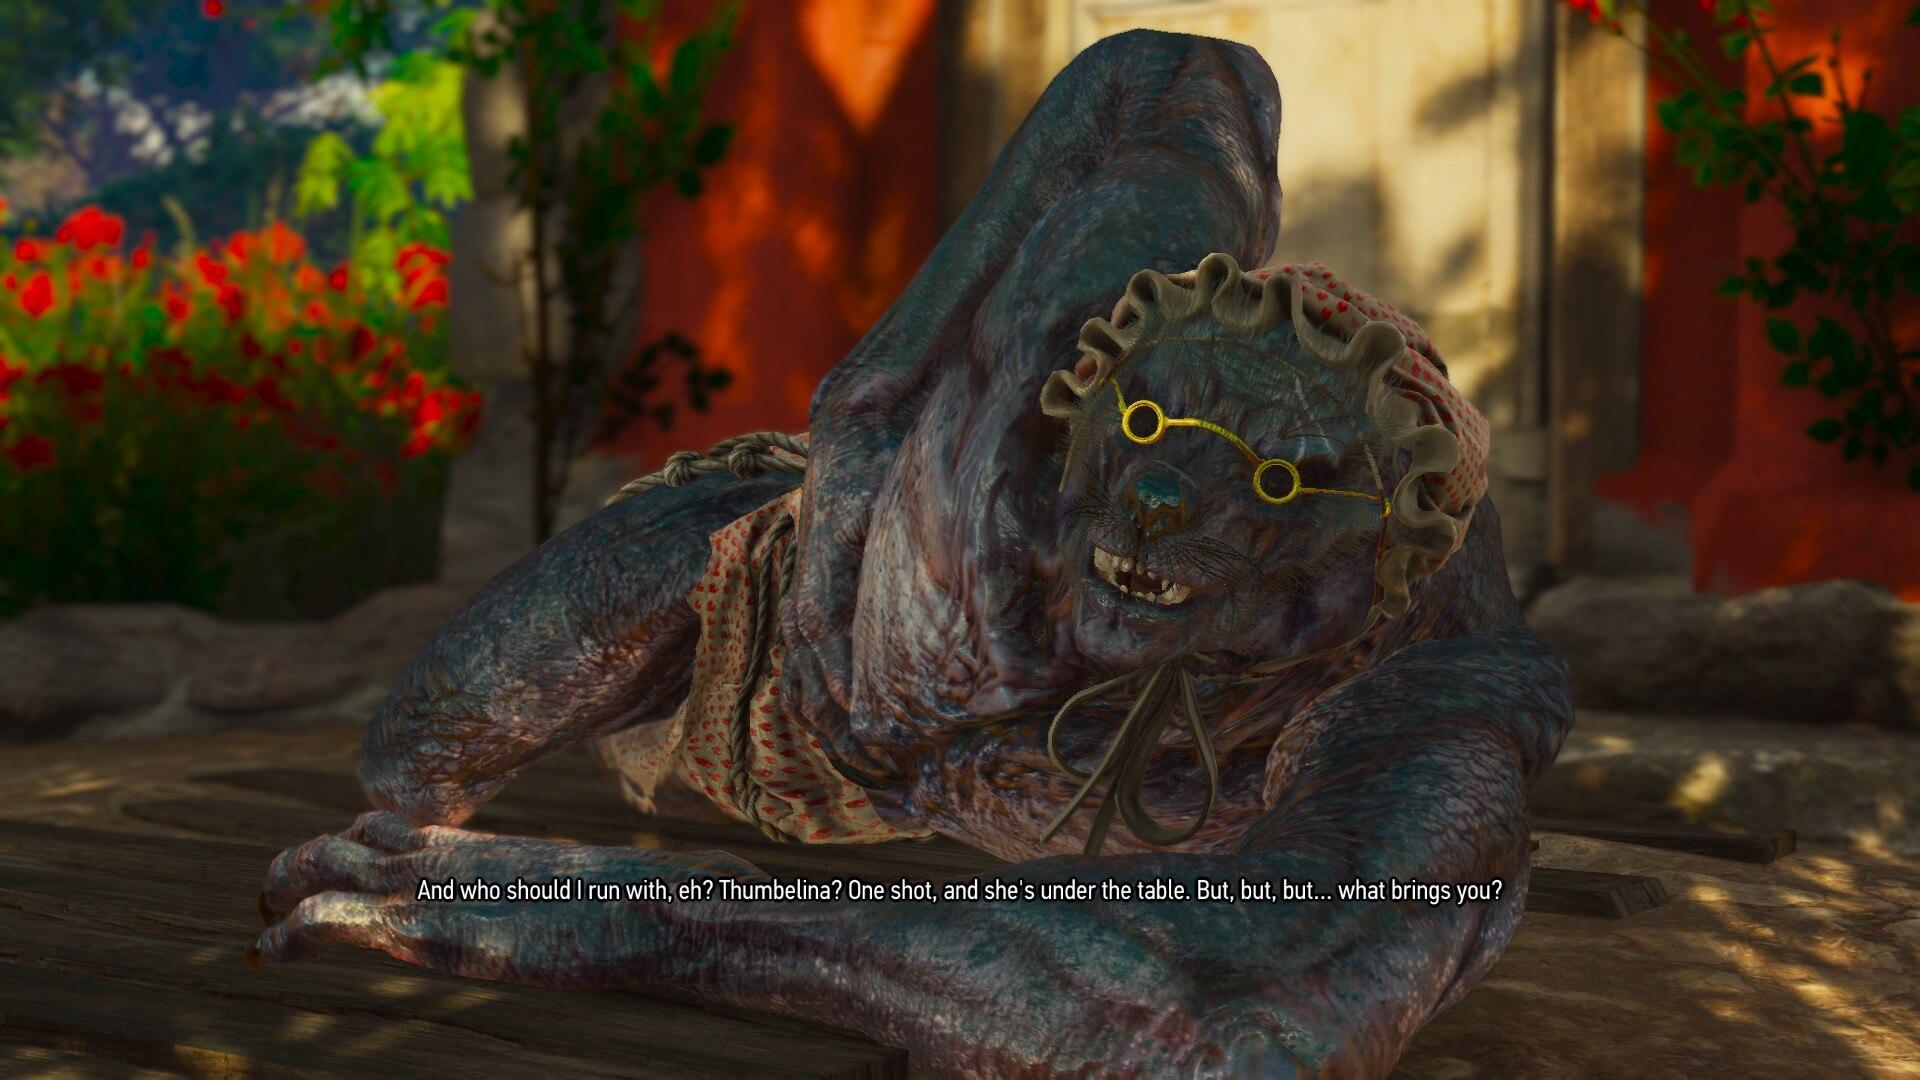 vbfdgh.jpg - The Witcher 3: Wild Hunt